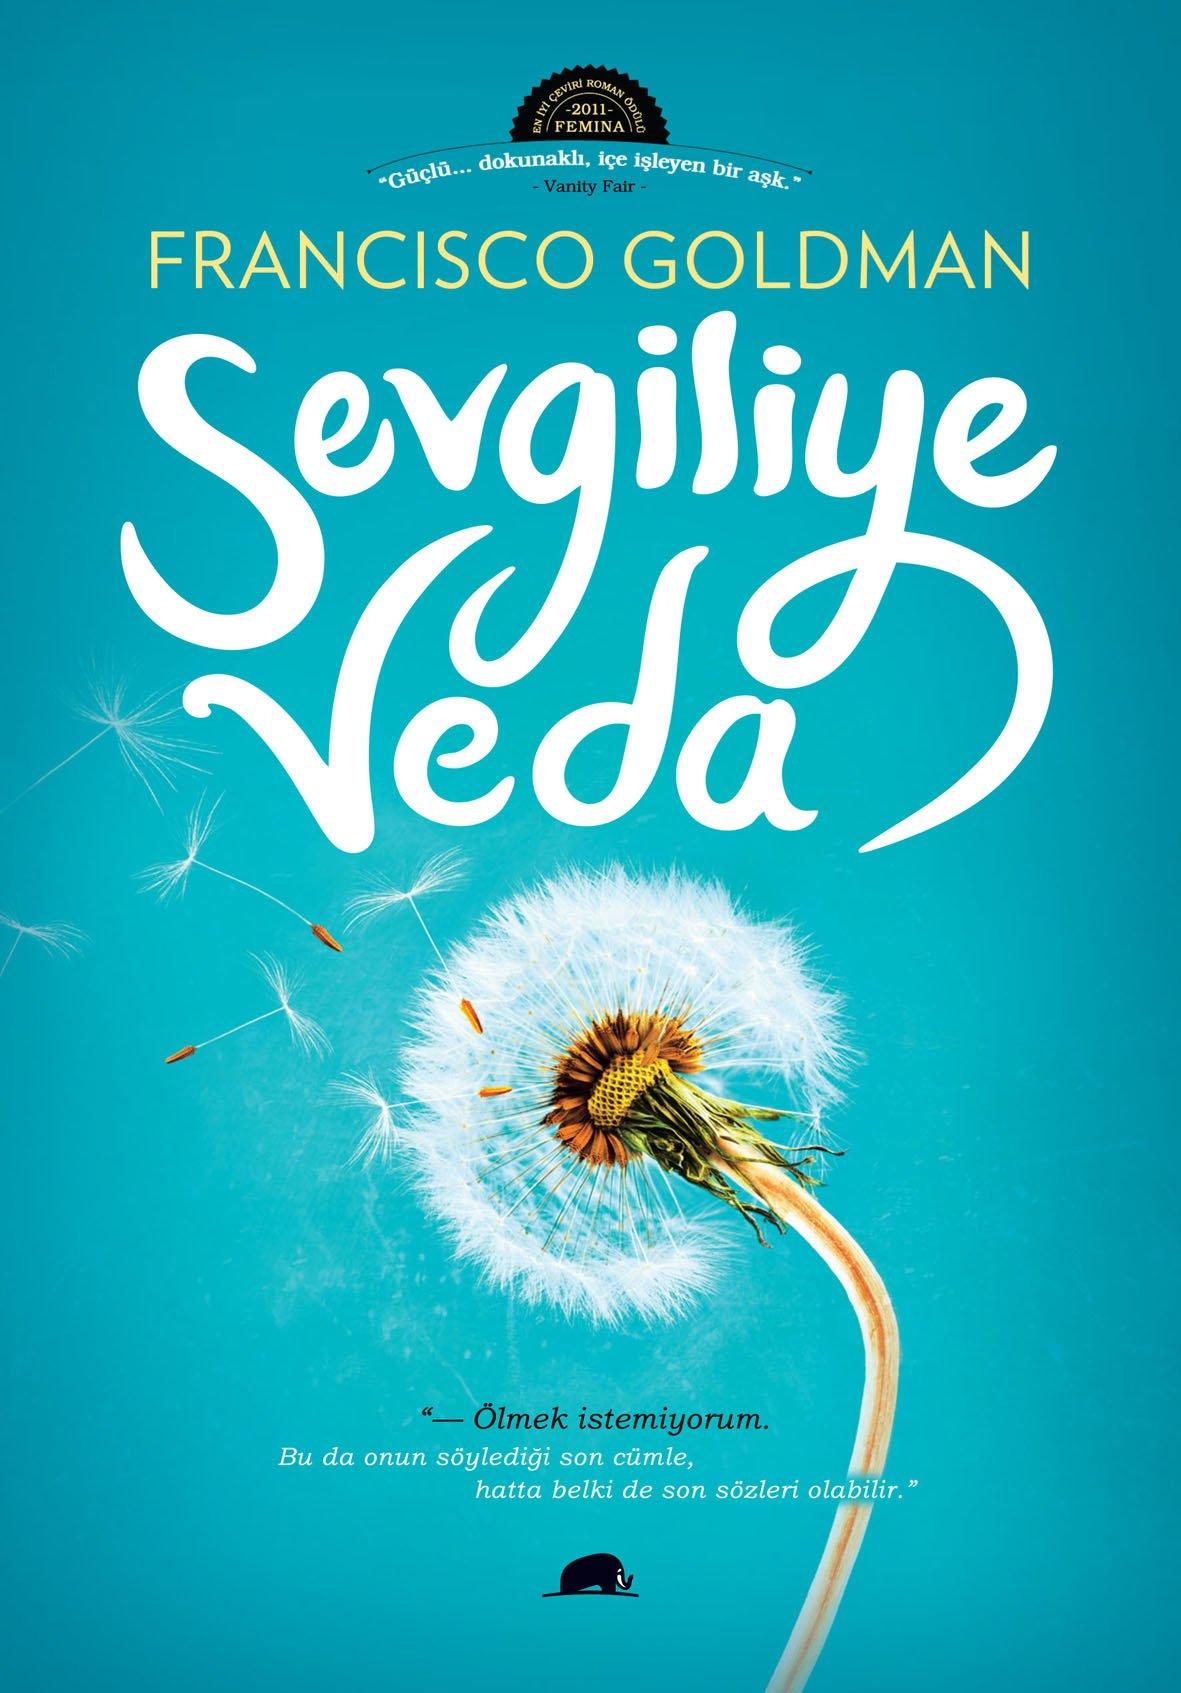 Francisco Goldman – Sevgiliye Veda